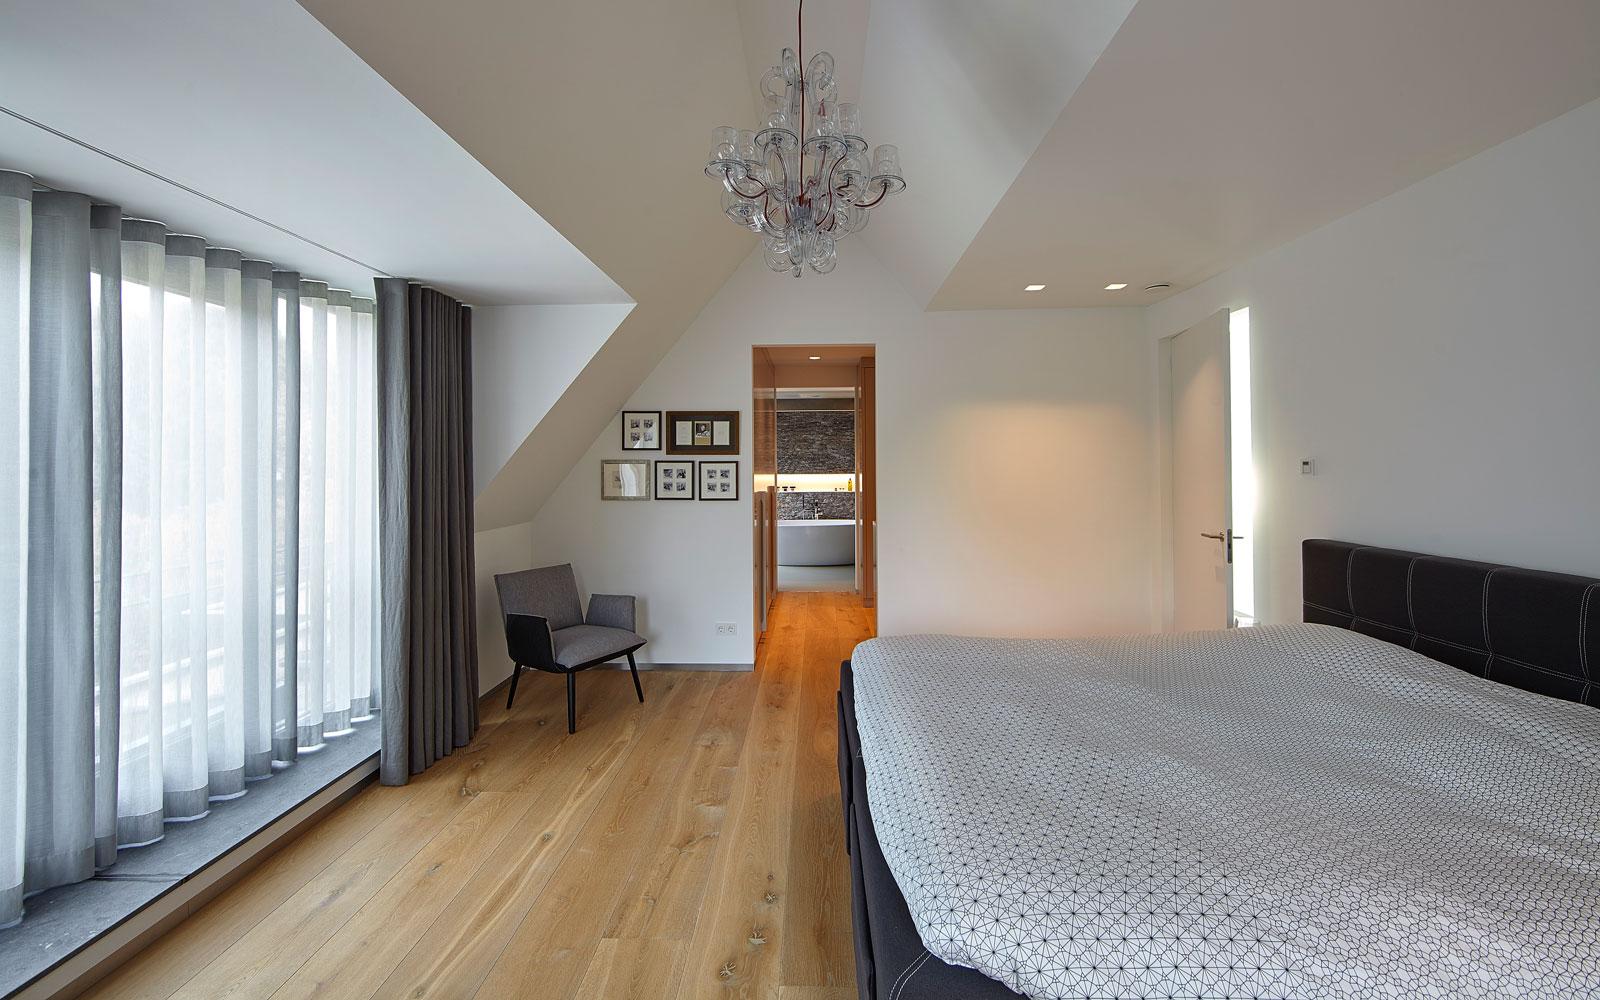 Ouderslaapkamer met doorkijk naar garderobe- en badkamer, inspirerende villa, Wolfs Architecten